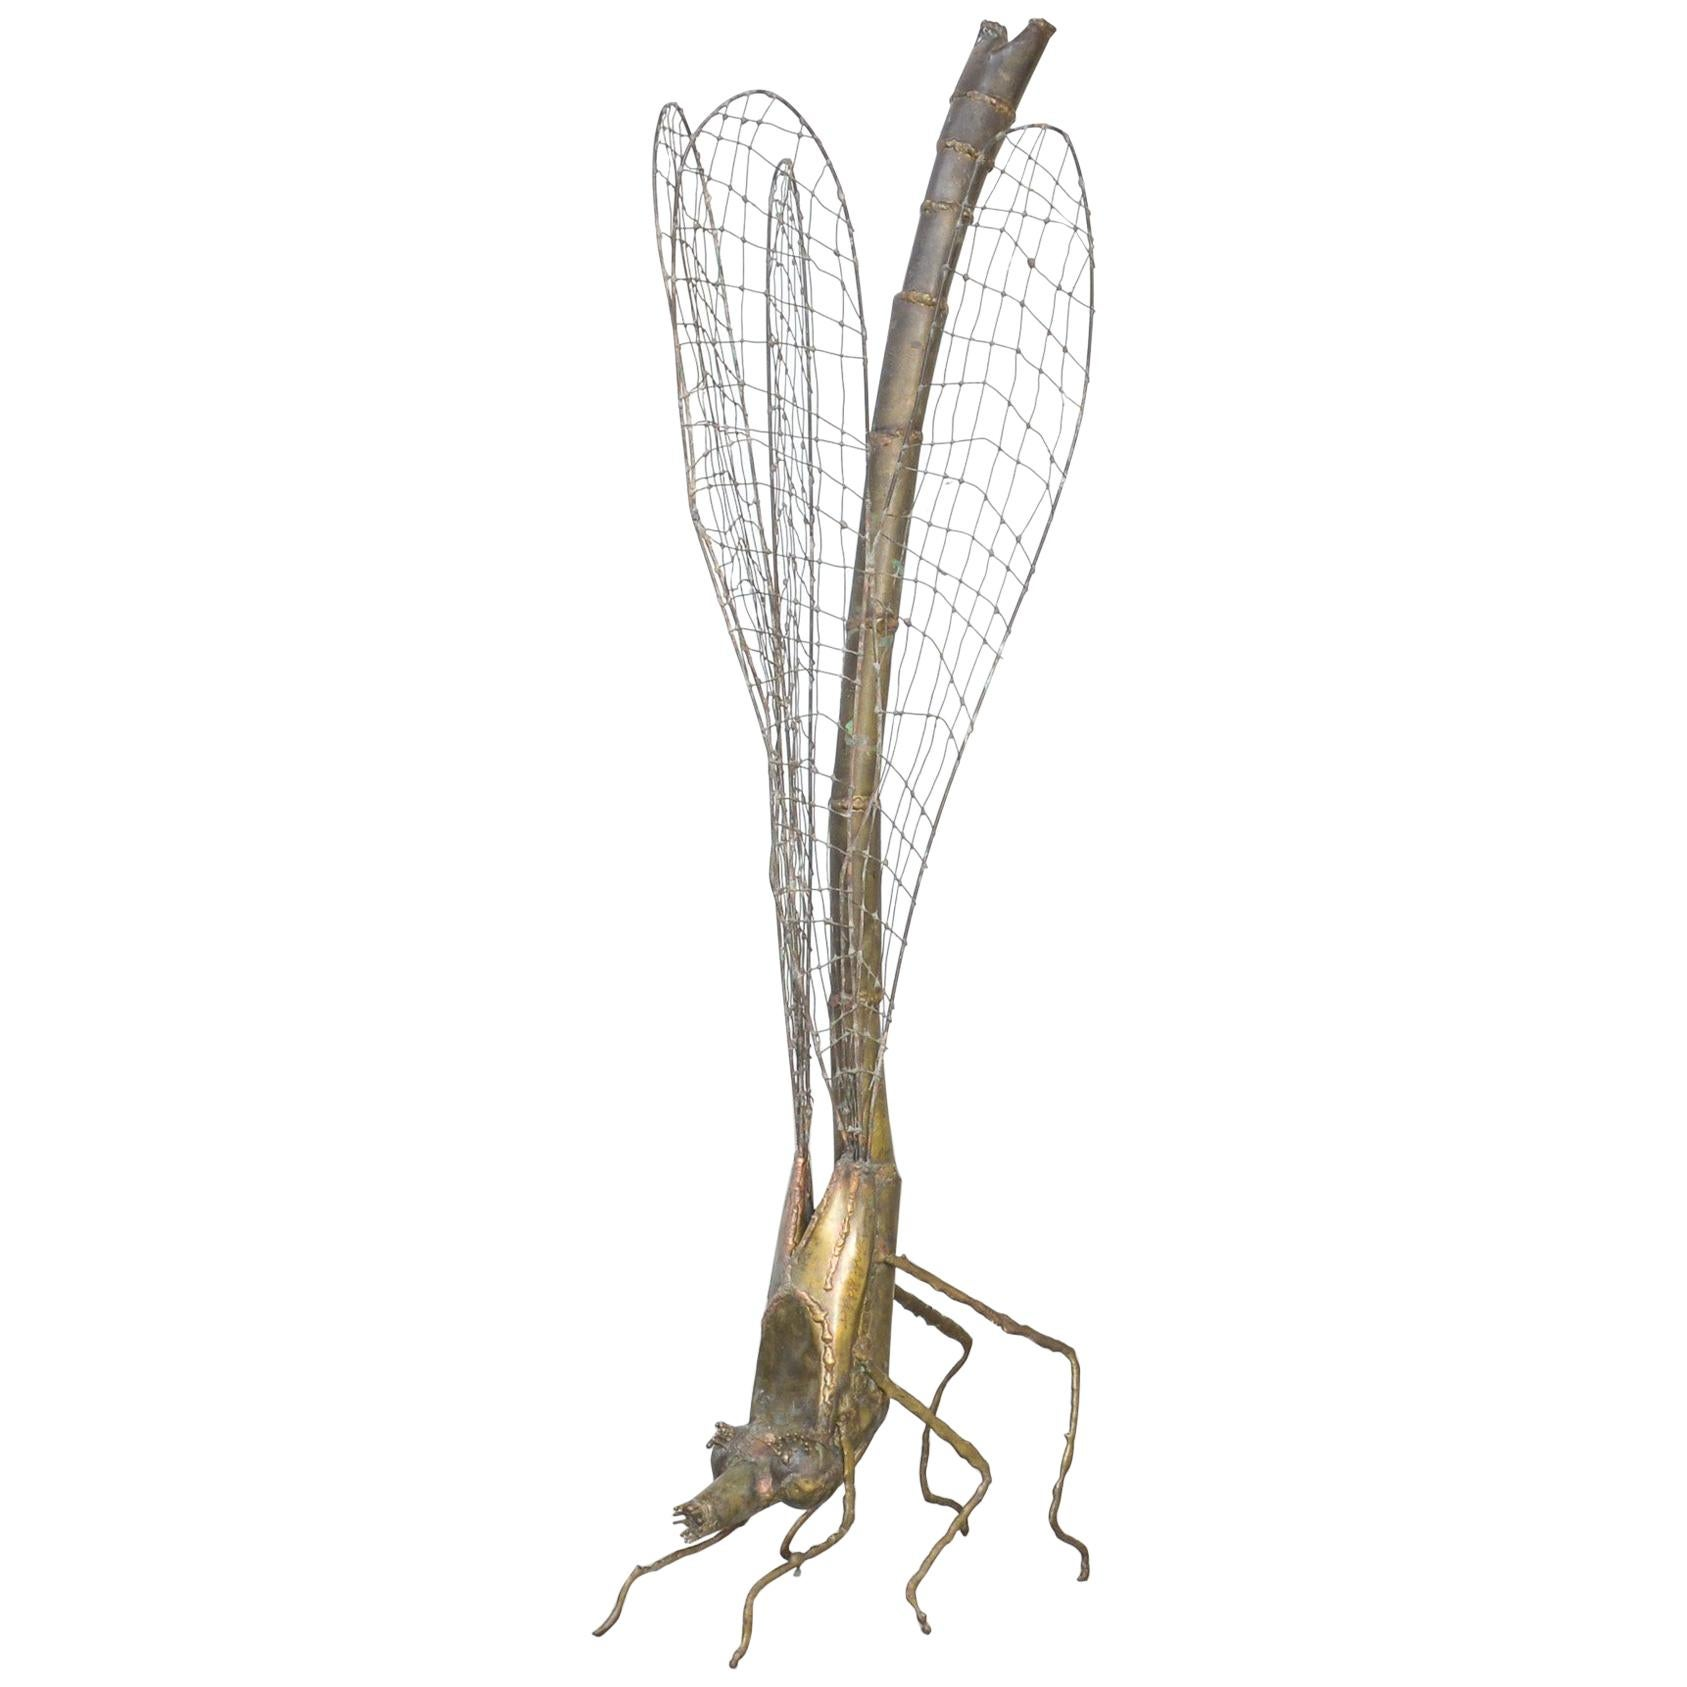 Brass Dragonfly Sculpture by Daniel Dhaeseleer